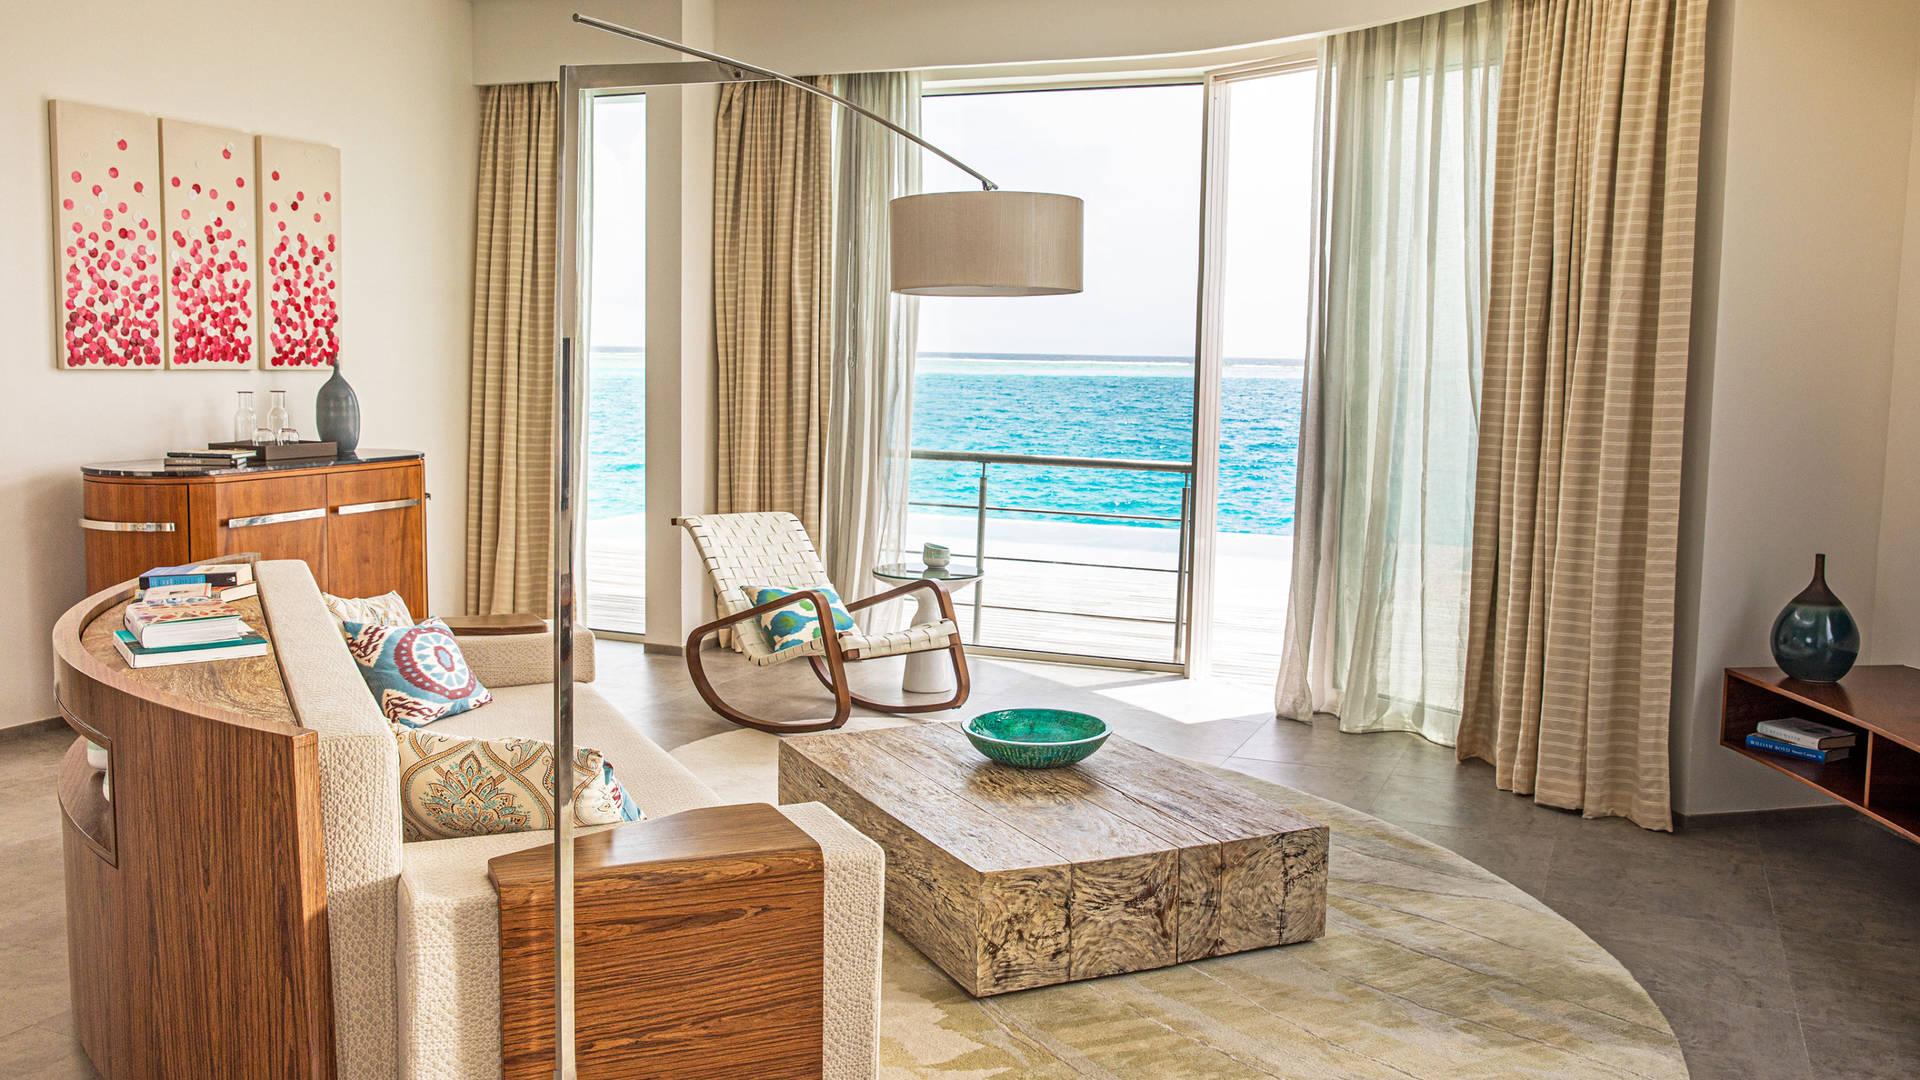 Striking interiors at Jumeirah Maldives